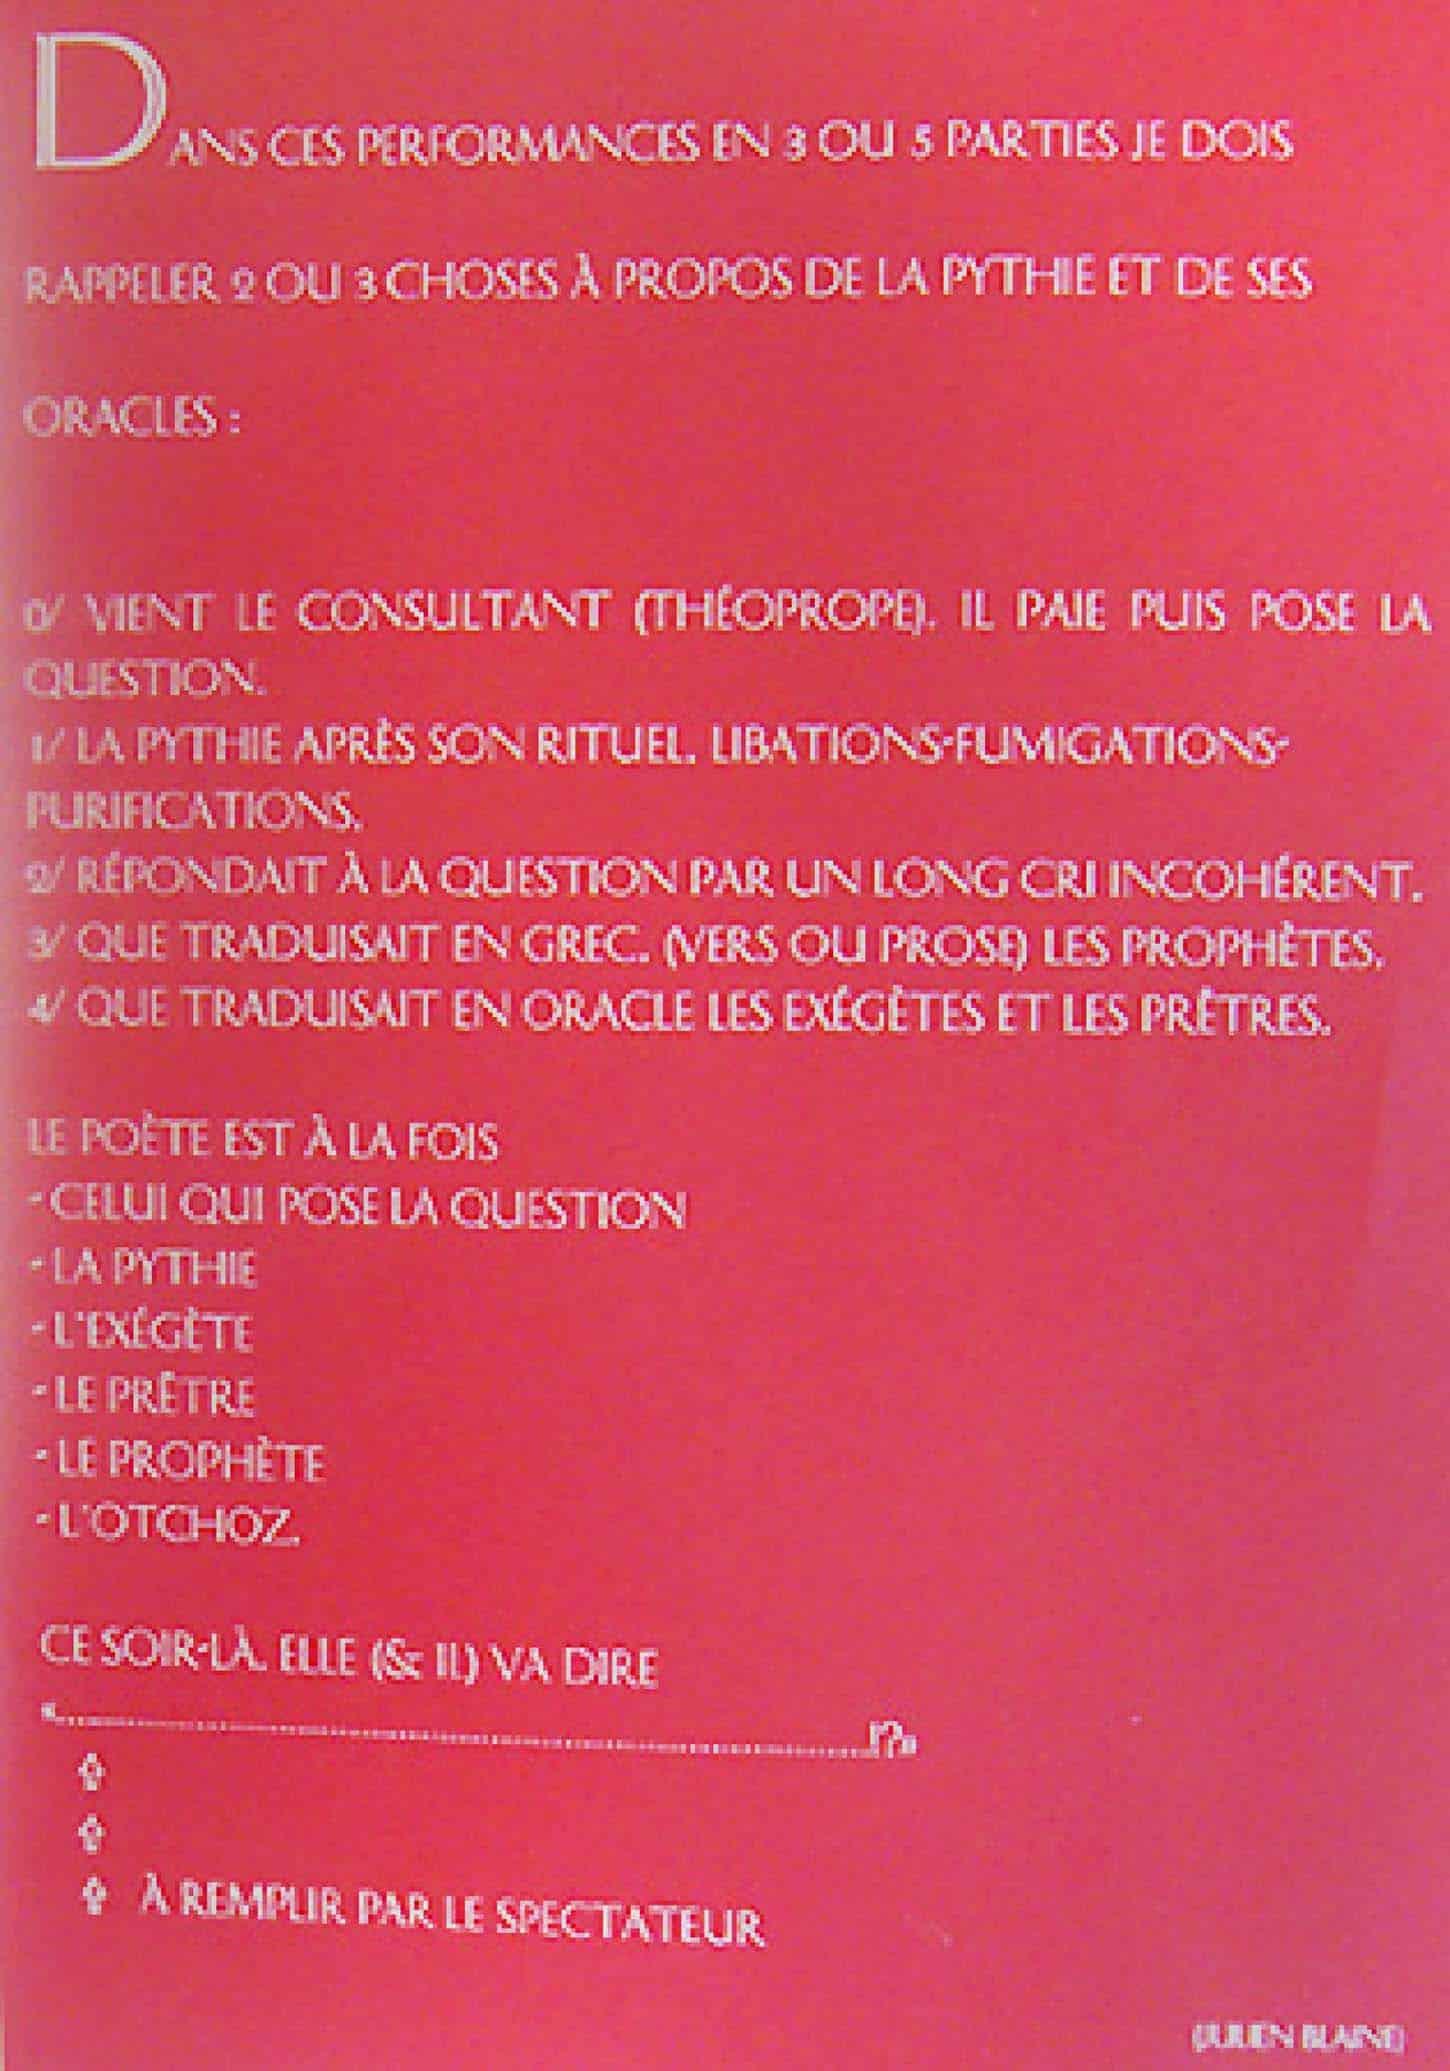 Exposition : Comme une averse Julien Blaine. Performance : La Pythie